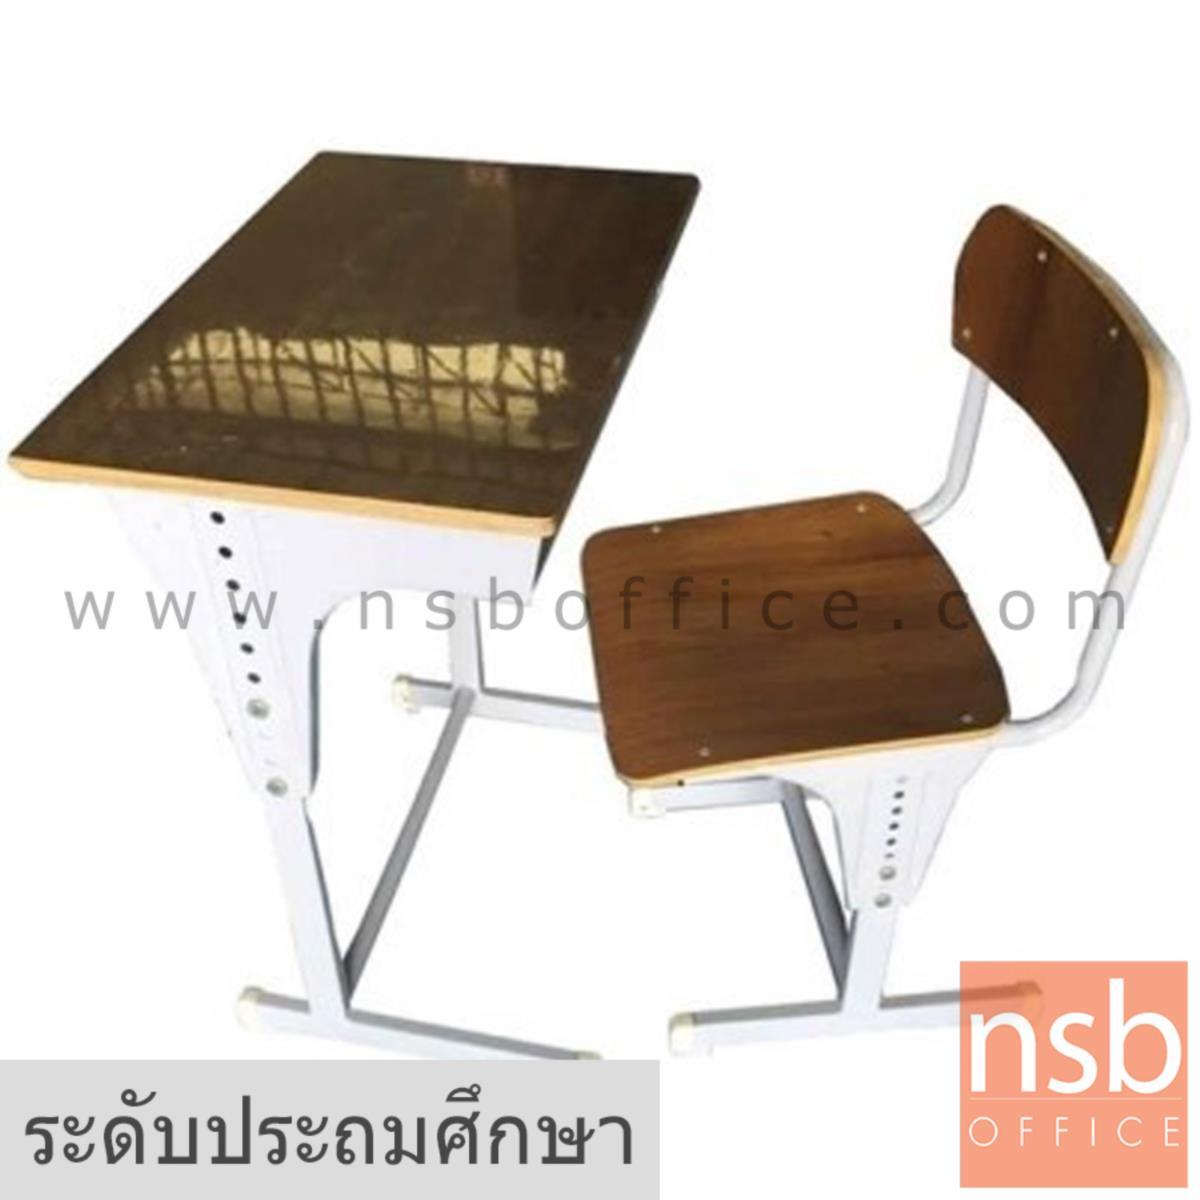 A17A068:ชุดโต๊ะและเก้าอี้นักเรียนปรับระดับ รุ่น MISSOURI (มิสซูรี)   ระดับประถมศึกษา